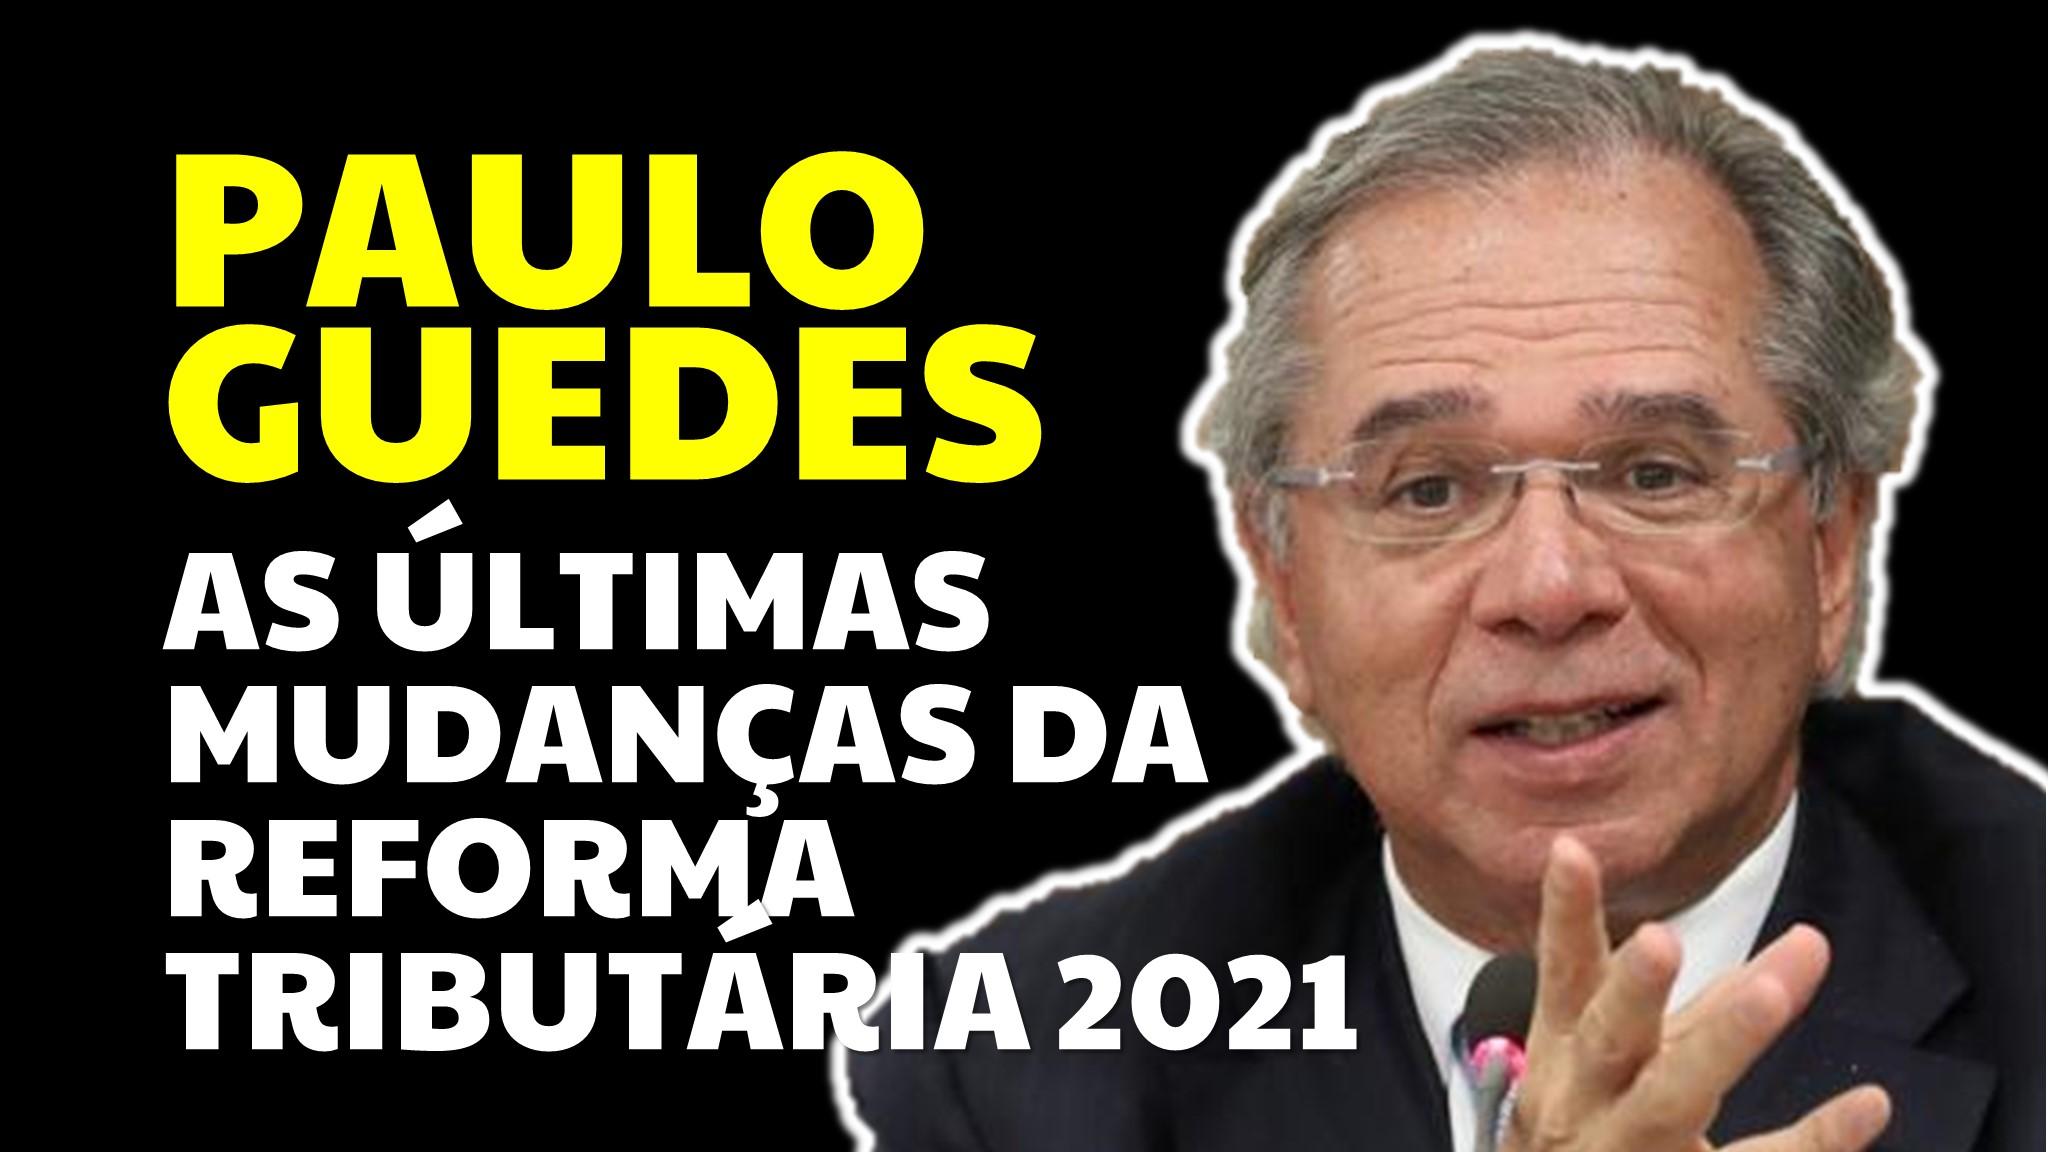 You are currently viewing Reforma Tributária: Guedes explica as mudanças no Imposto de Renda